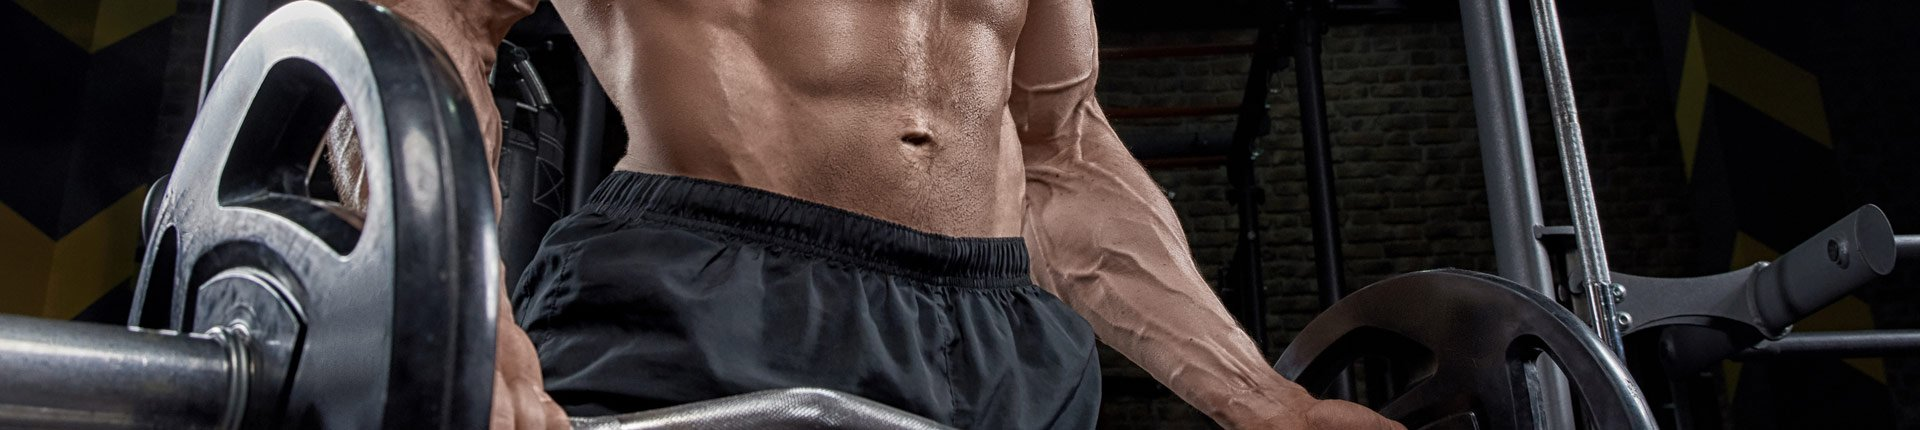 Duża objętość czy ciężar? Którą metodę progresji treningowej wybrać?